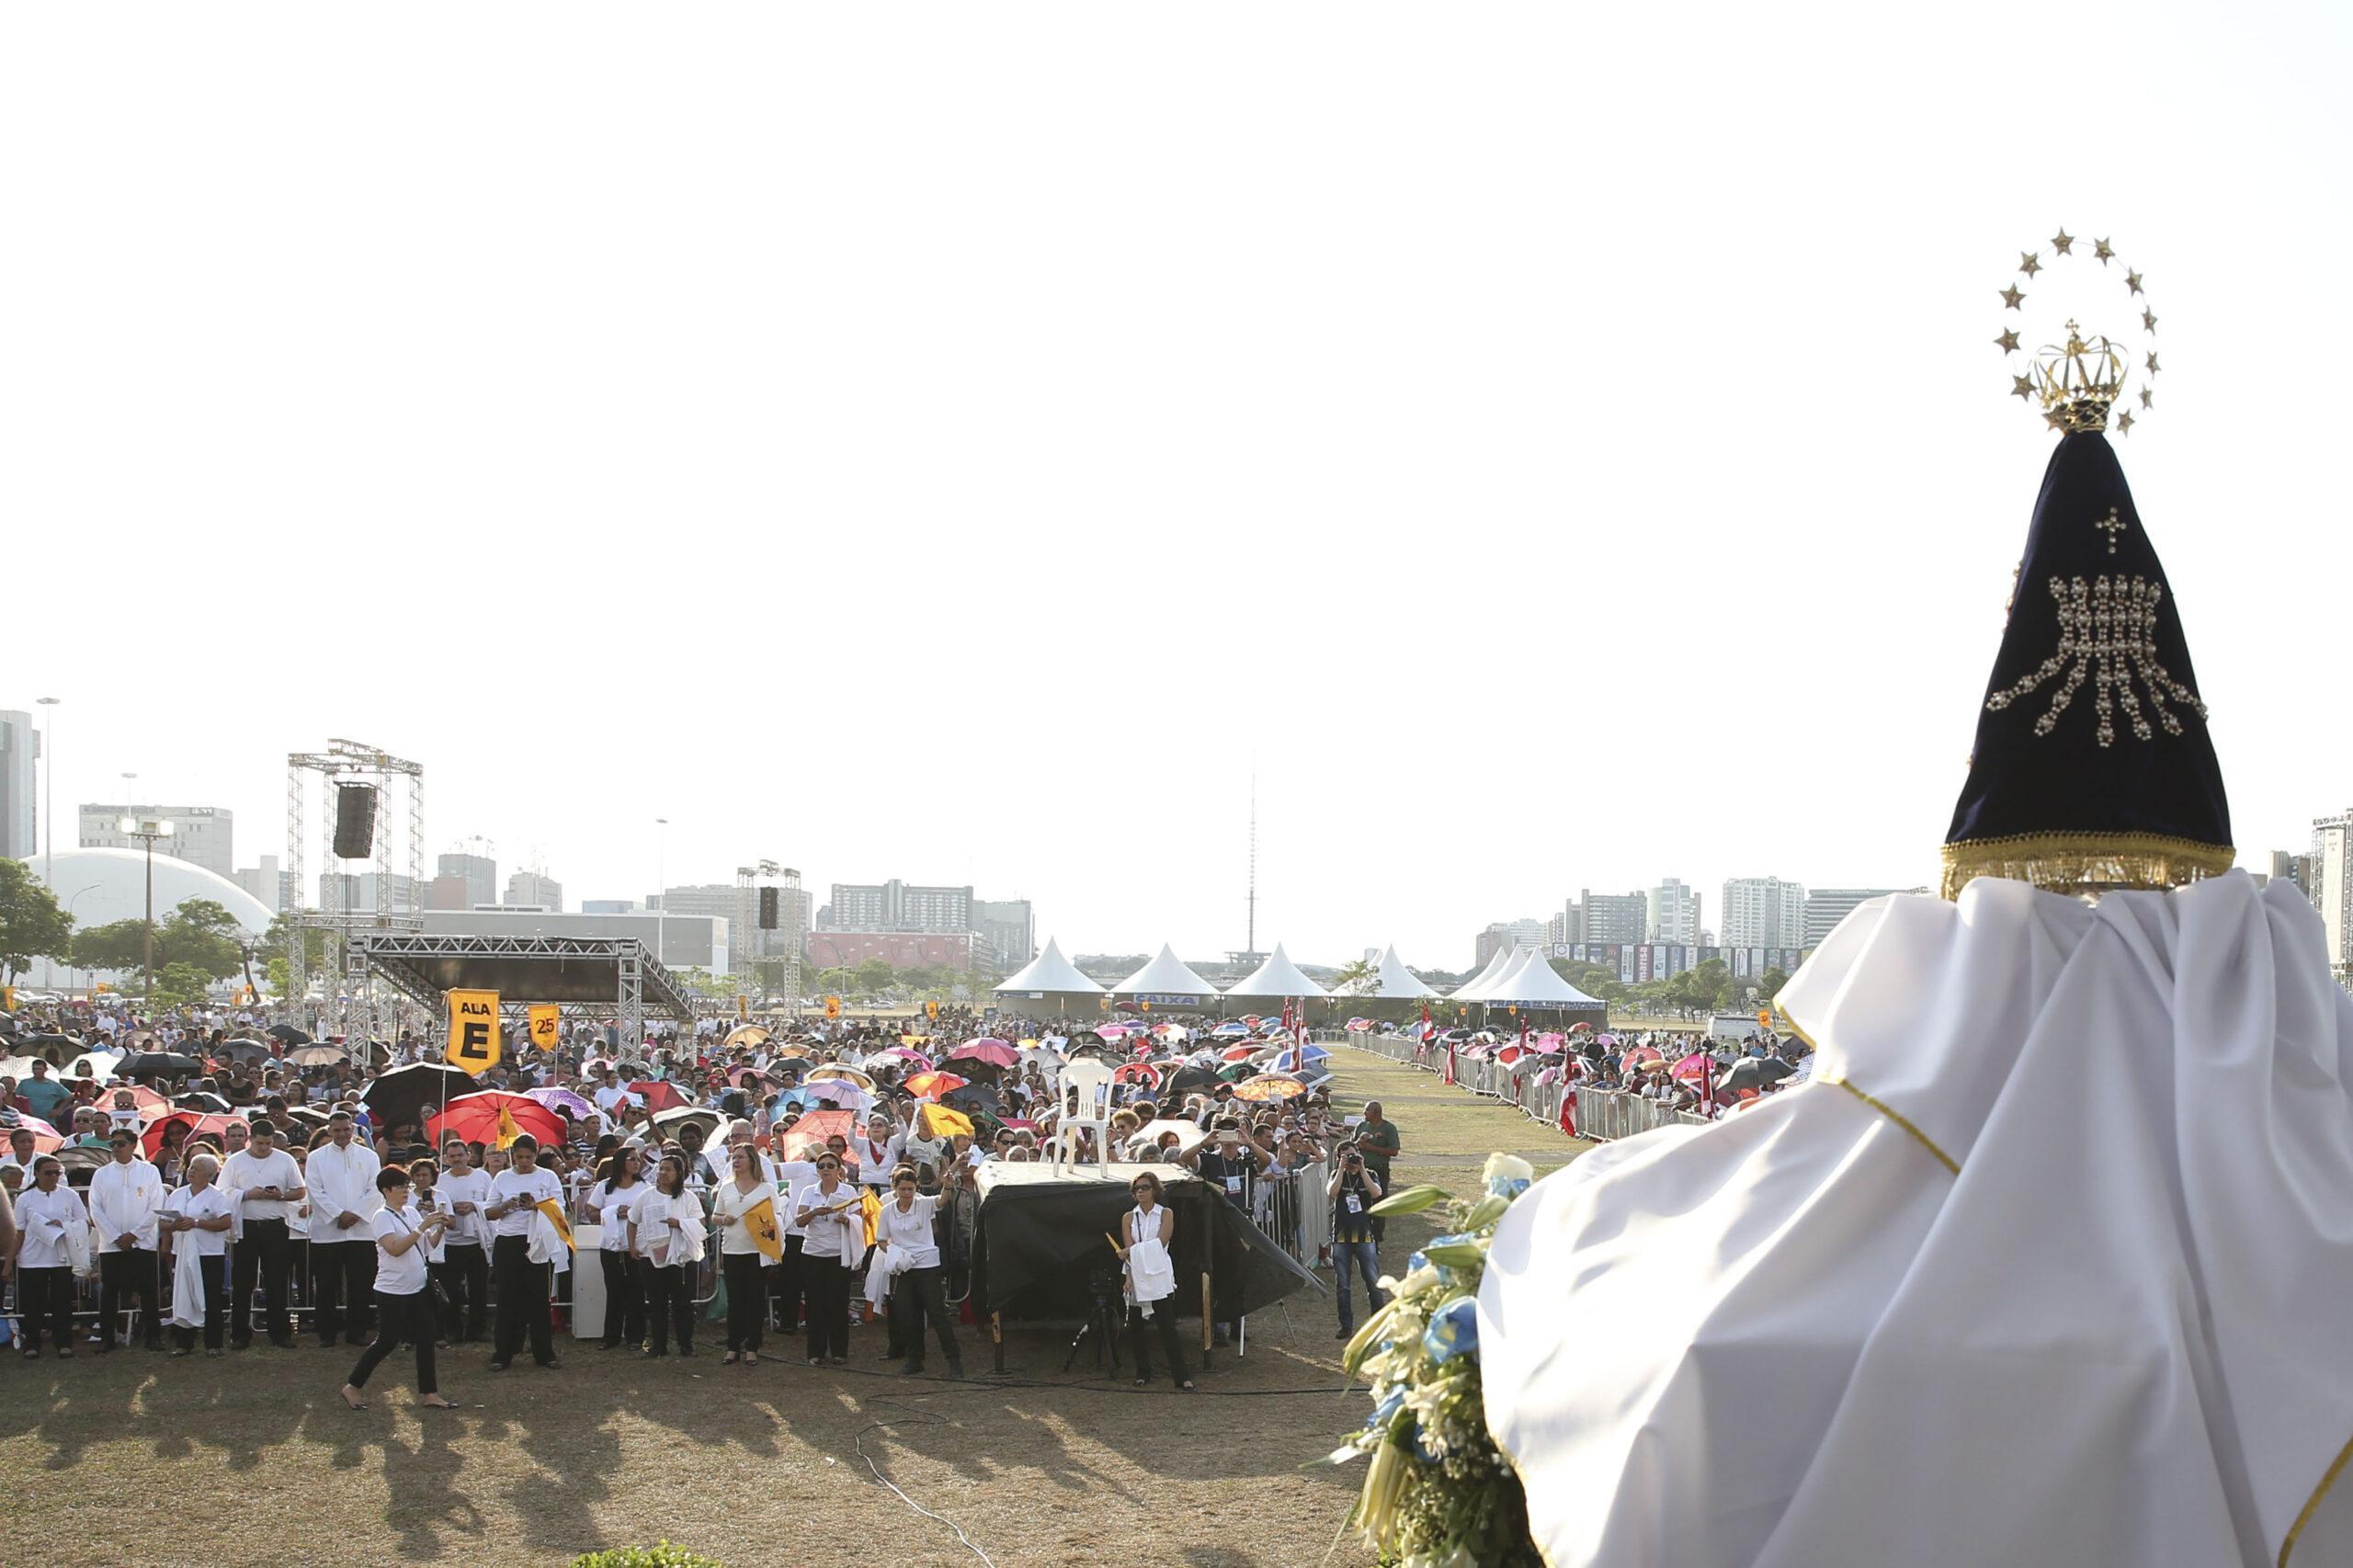 Aglomerações e missas campais, como vistas em anos anteriores, não serão realizadas por conta da pandemia. Foto: Antonio Cruz/Agência Brasil